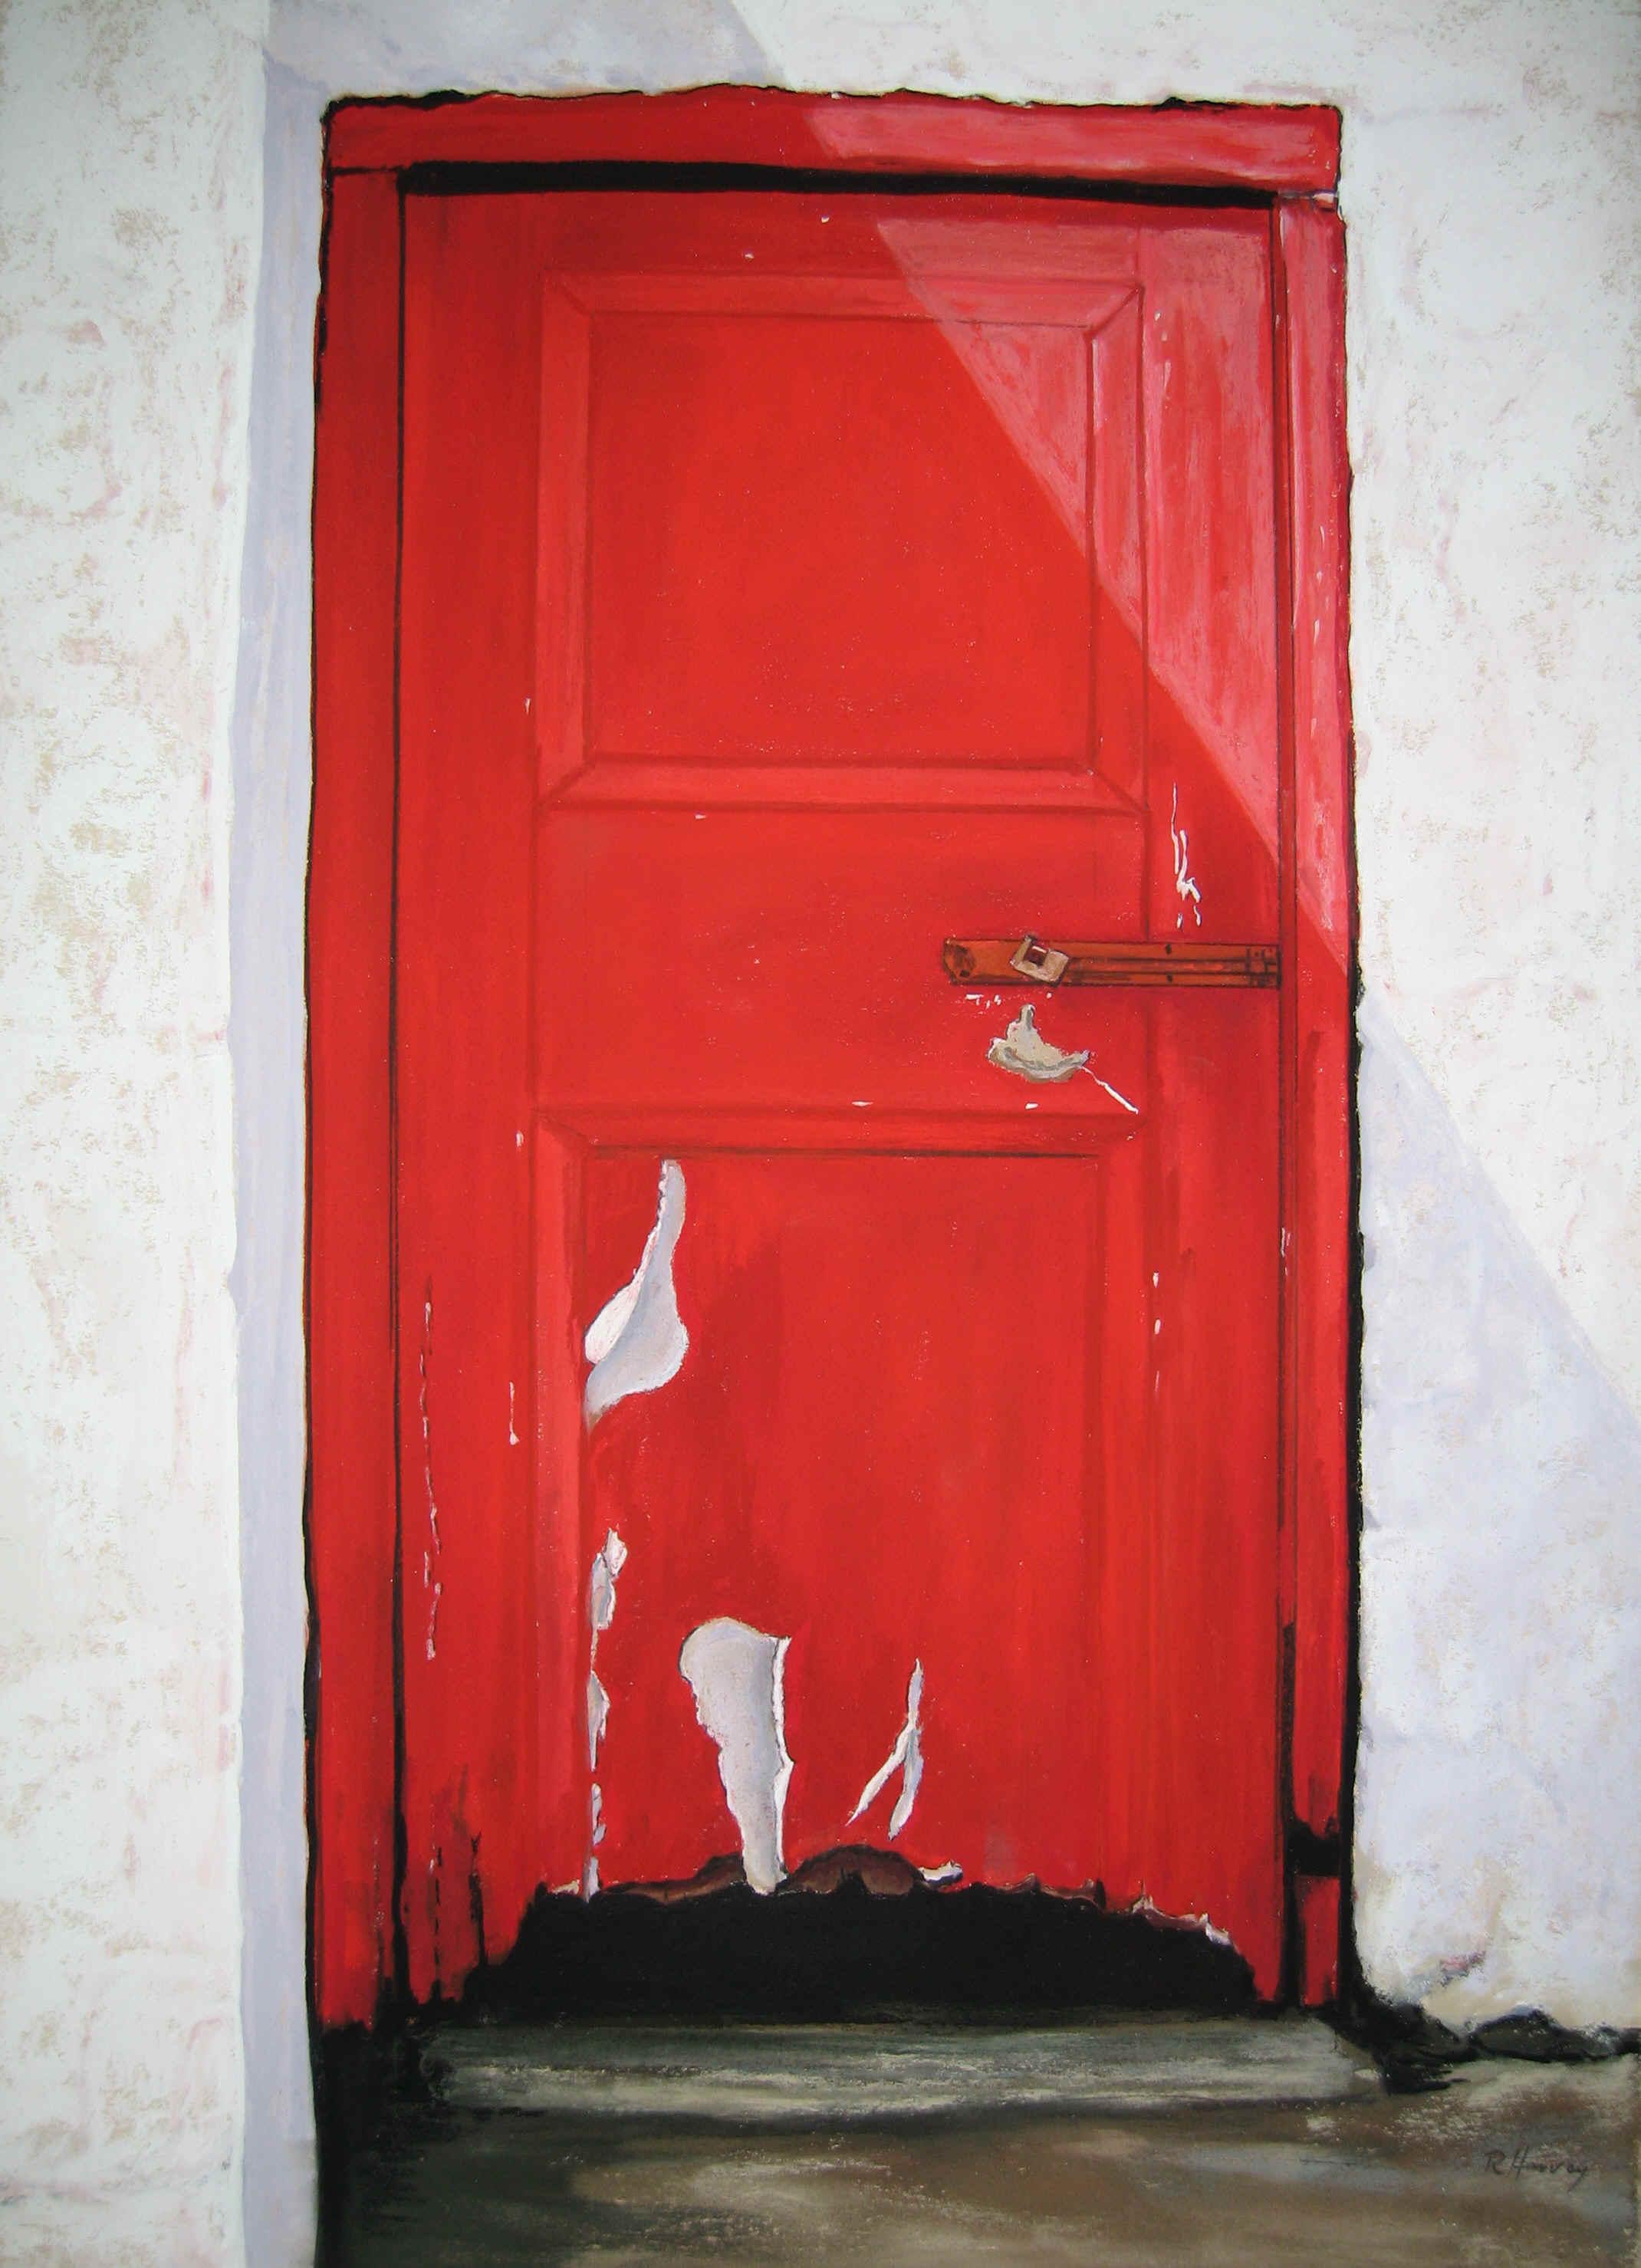 Red Door | Door Design Pictures